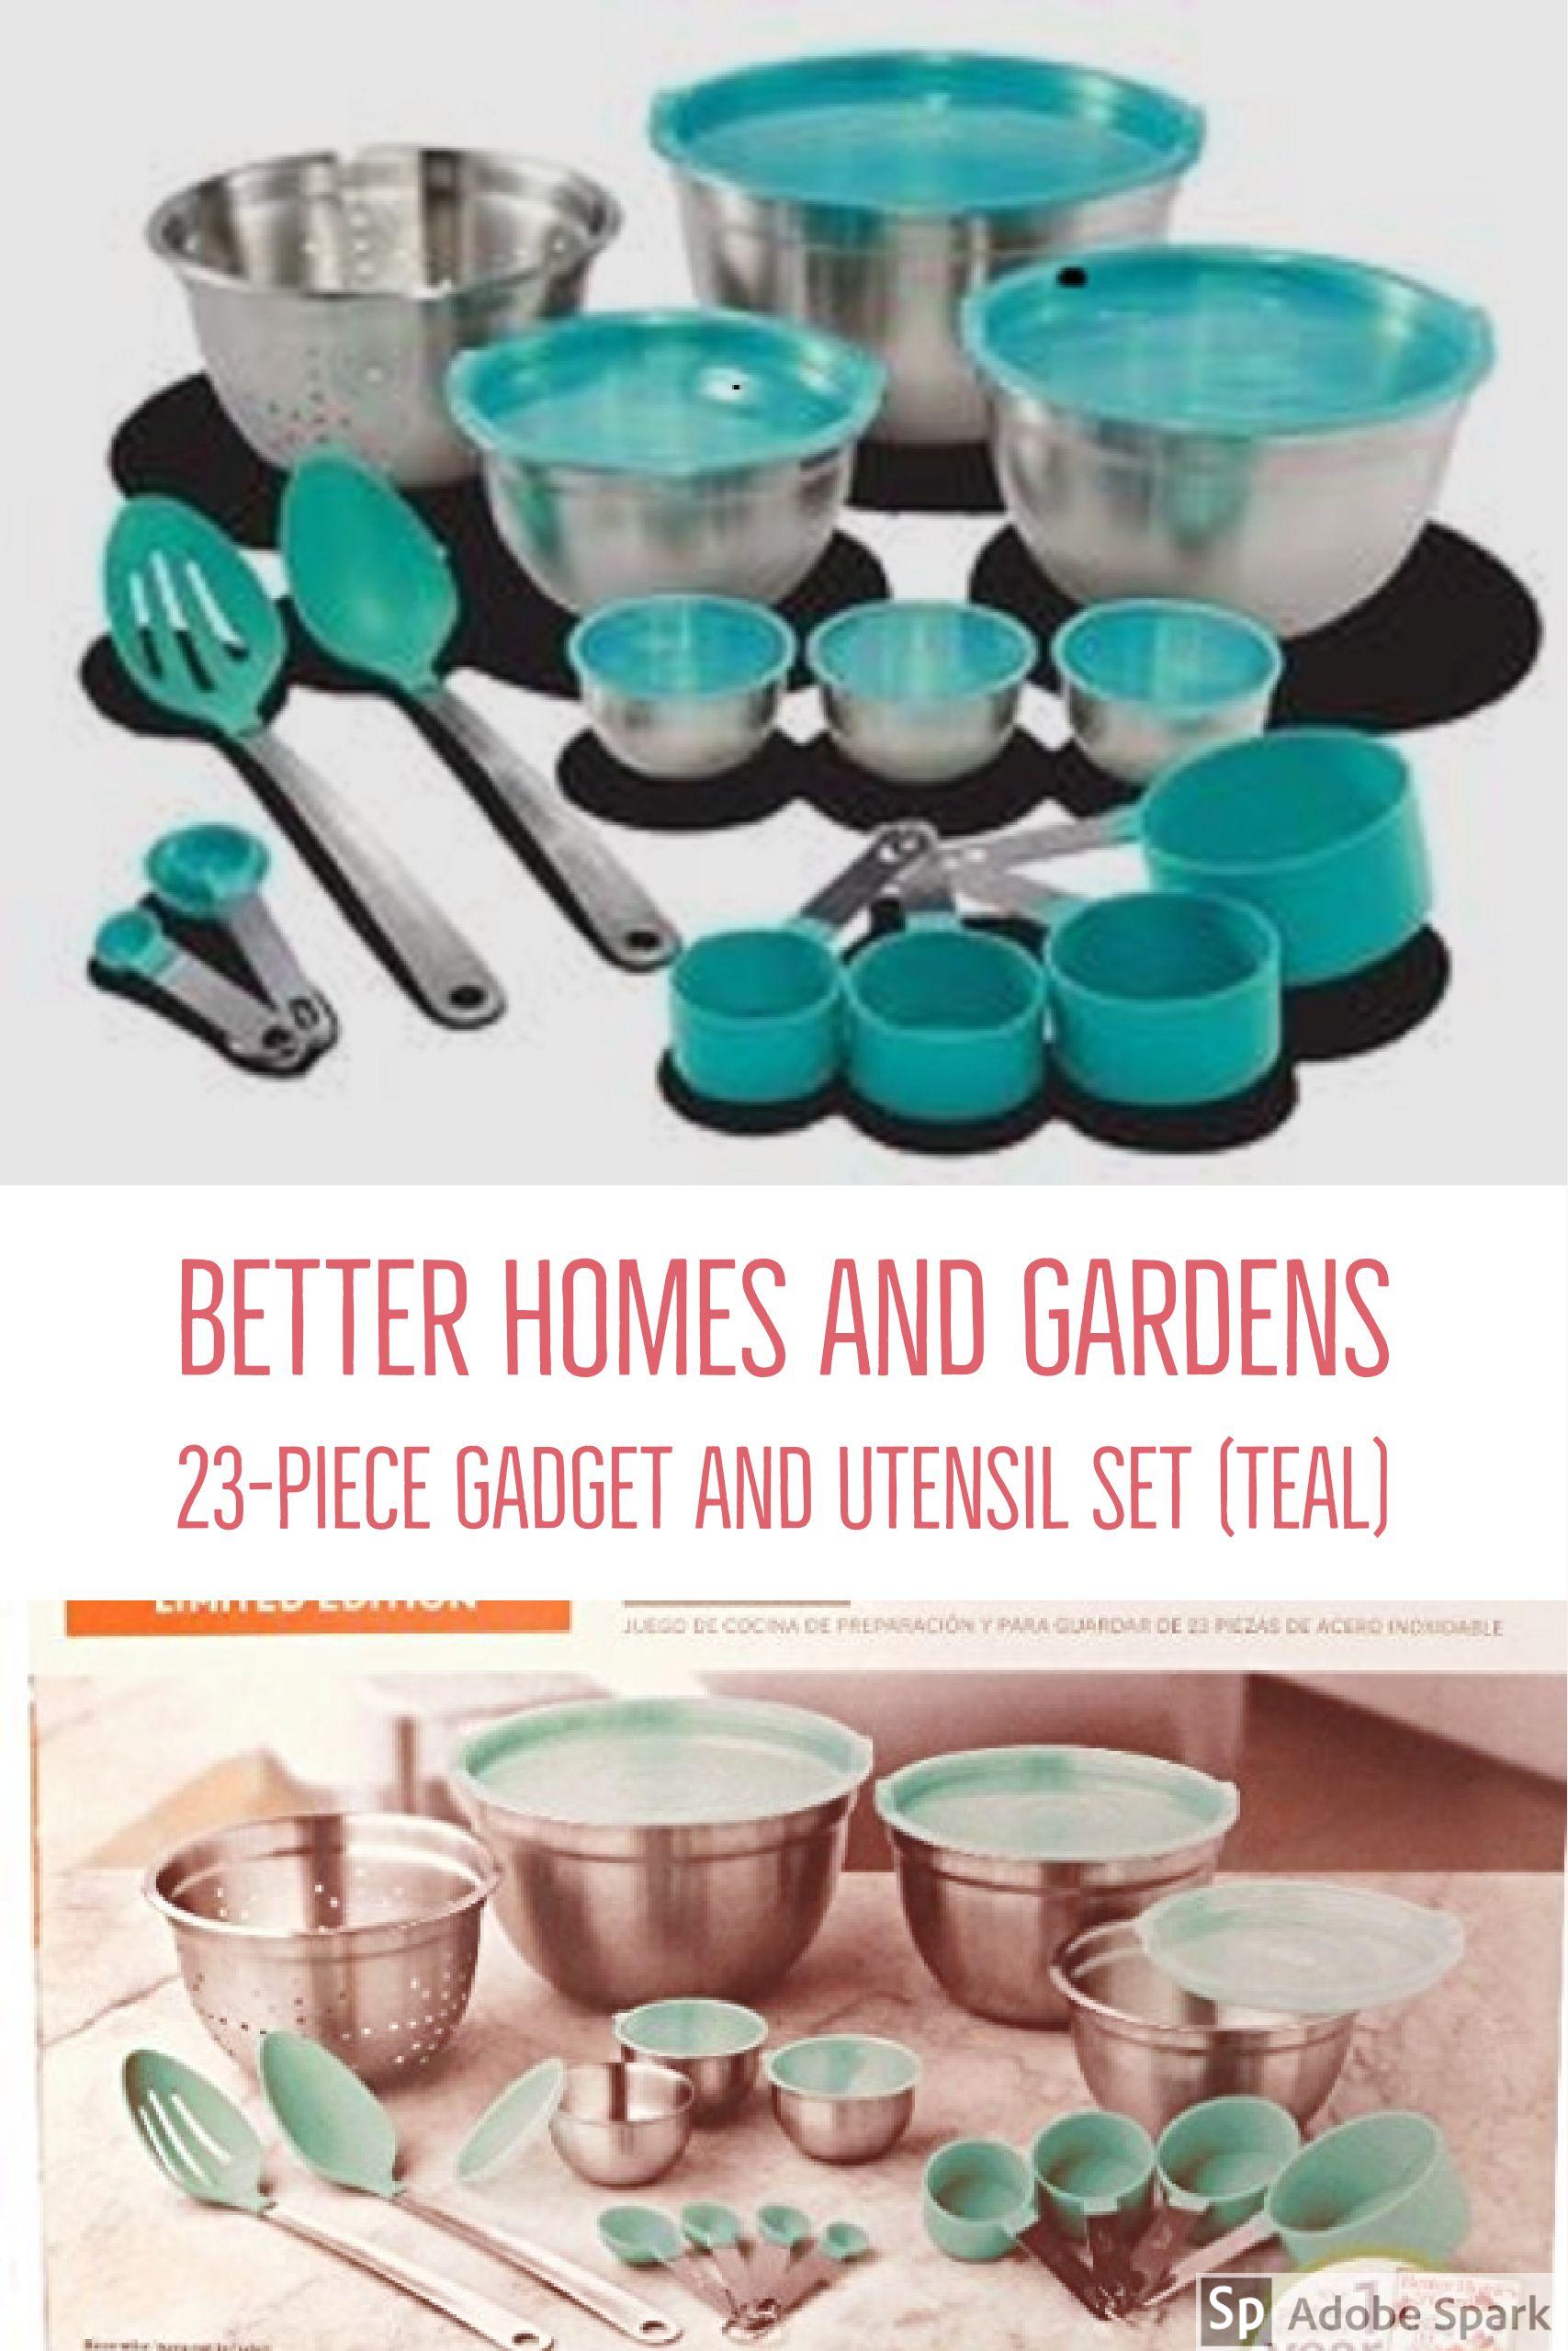 1dcd264b8c179e3f3a2fa26b4242192d - Better Homes And Gardens 23 Piece Prep